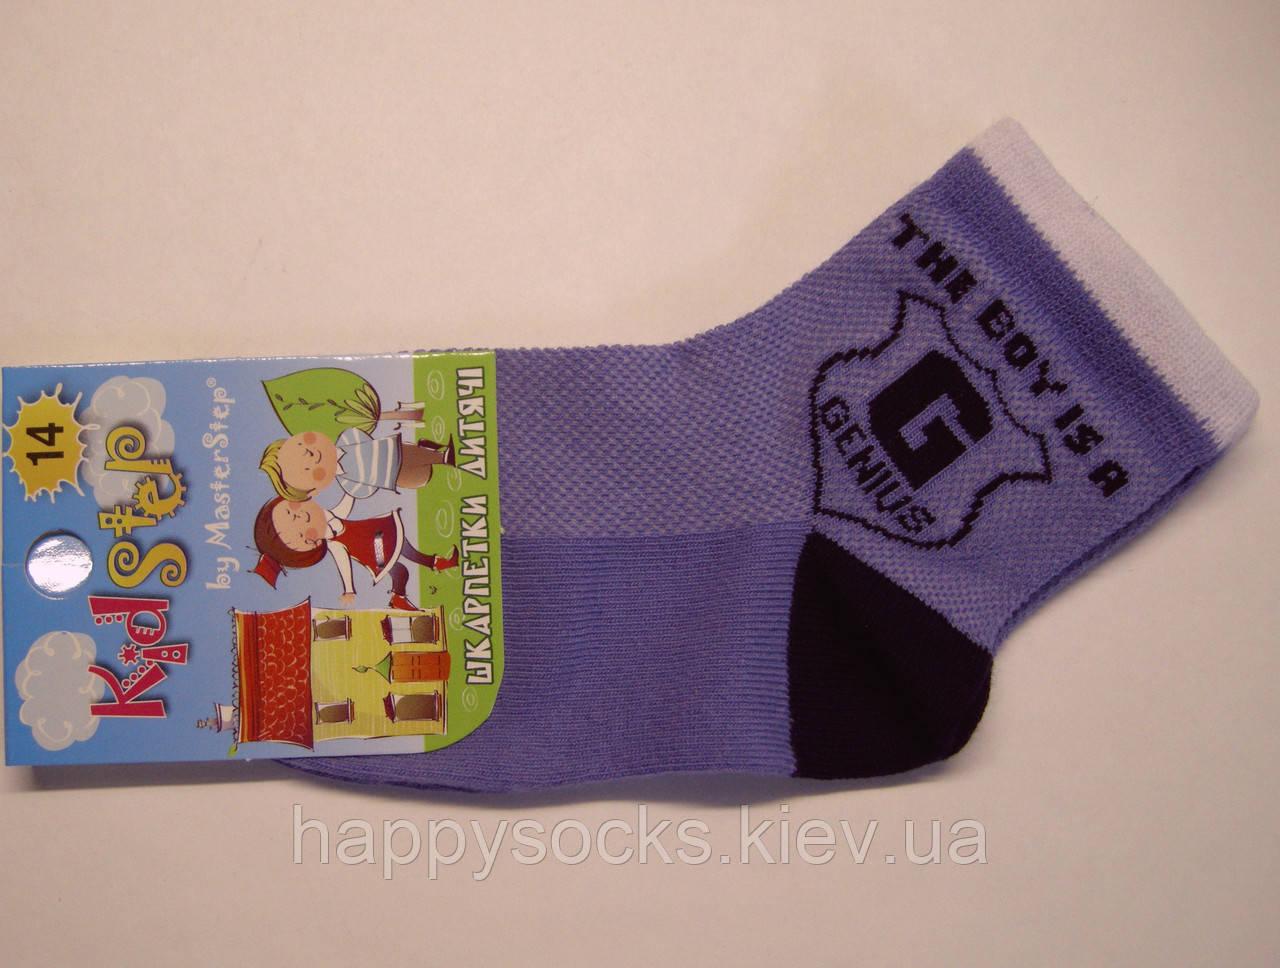 Носки в сетку мальчиковые сиреневого цвета